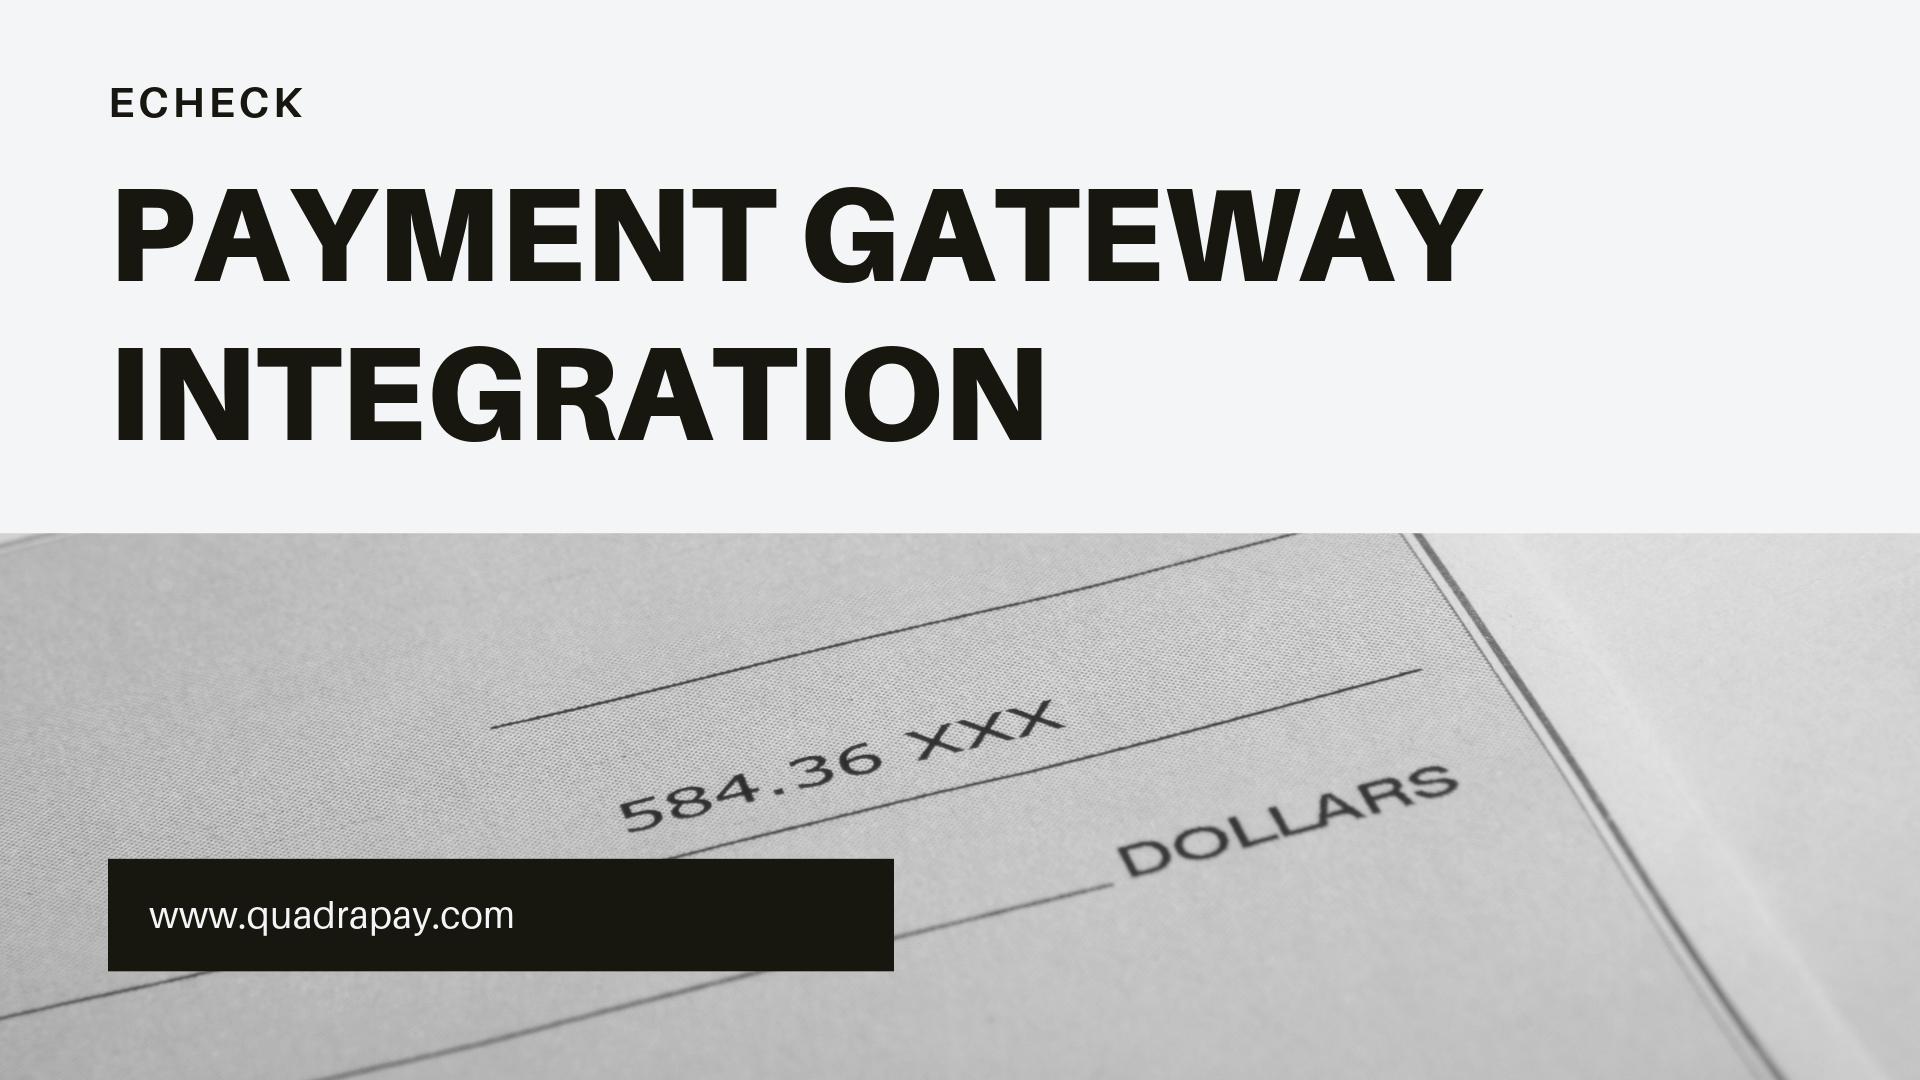 ECHECK PAYMENT GATEWAY INTEGRATION